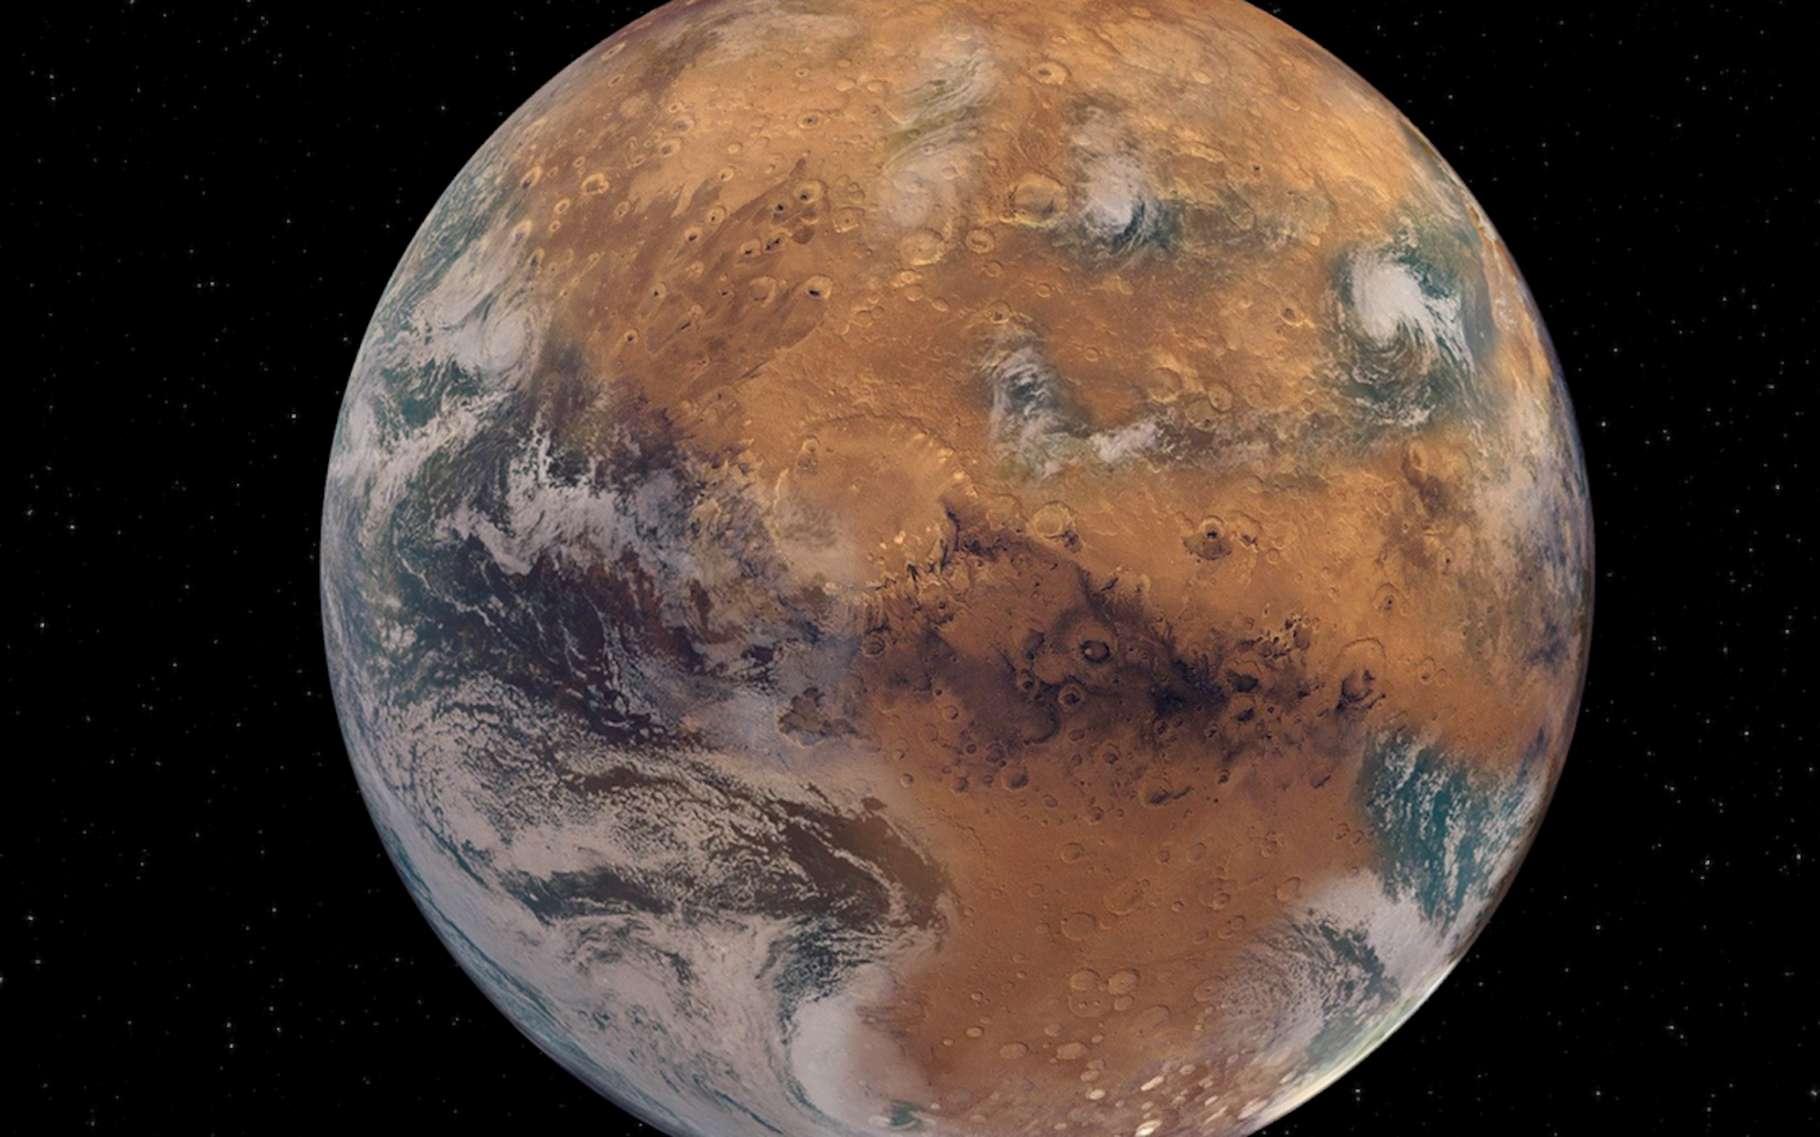 « son destin a été scellé dès le début ! » estime une étude sur son habitabilité